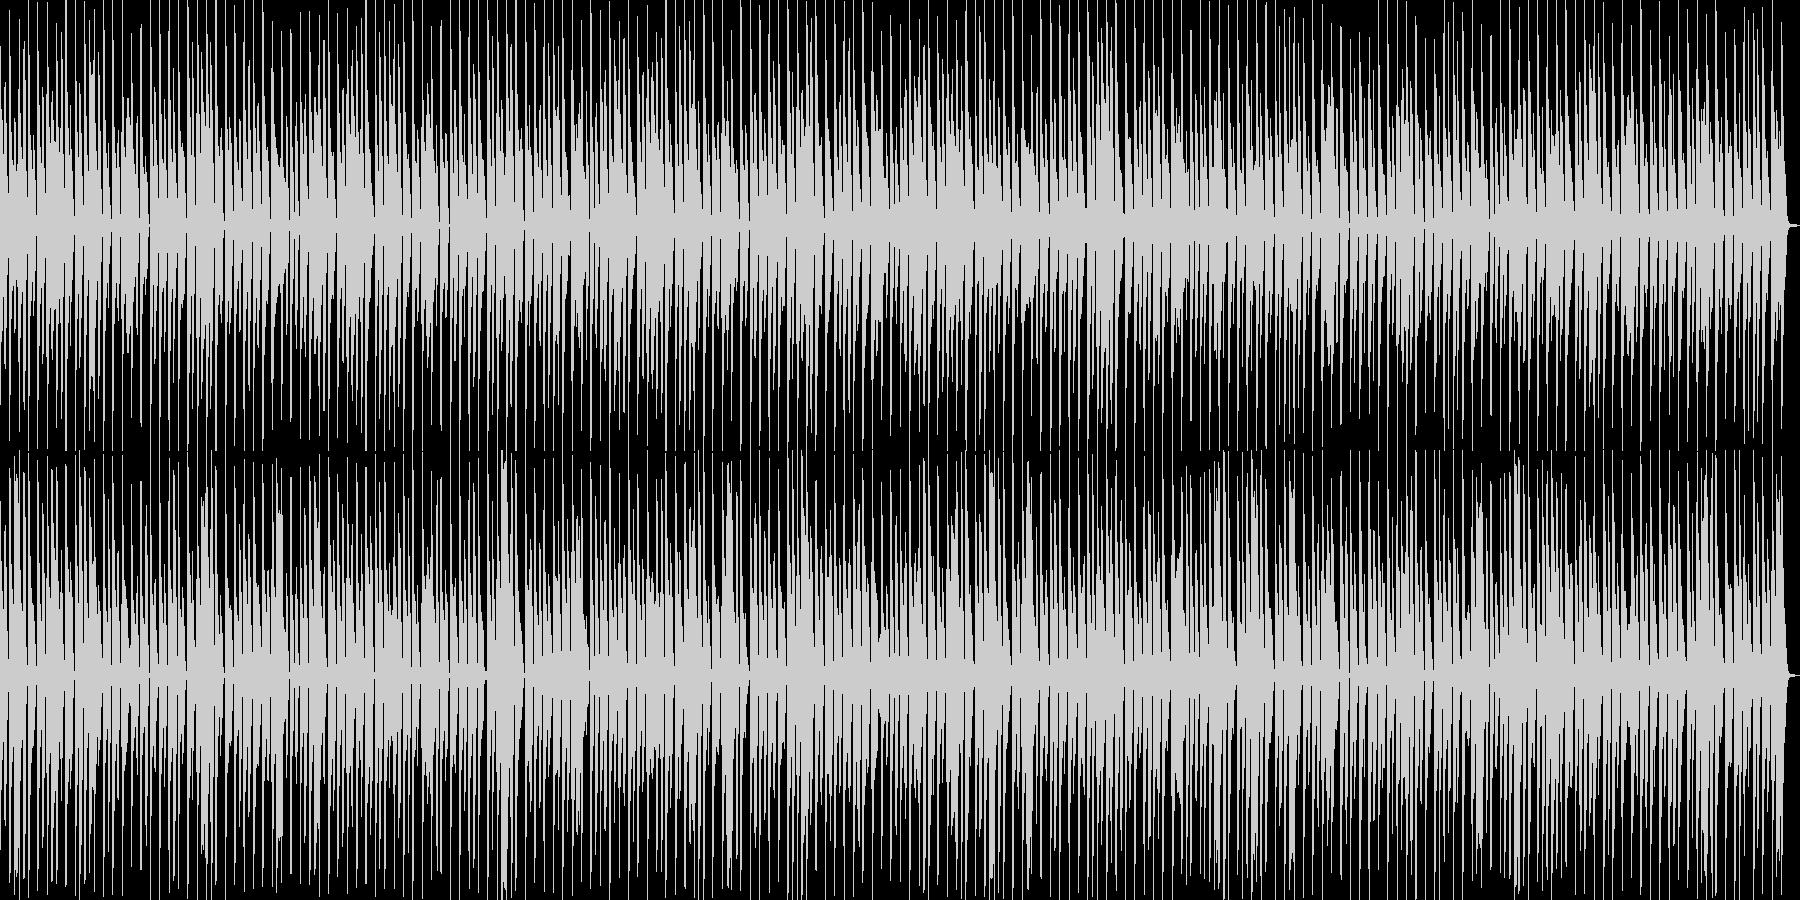 シンプルでメロディーのあるポジティ...の未再生の波形